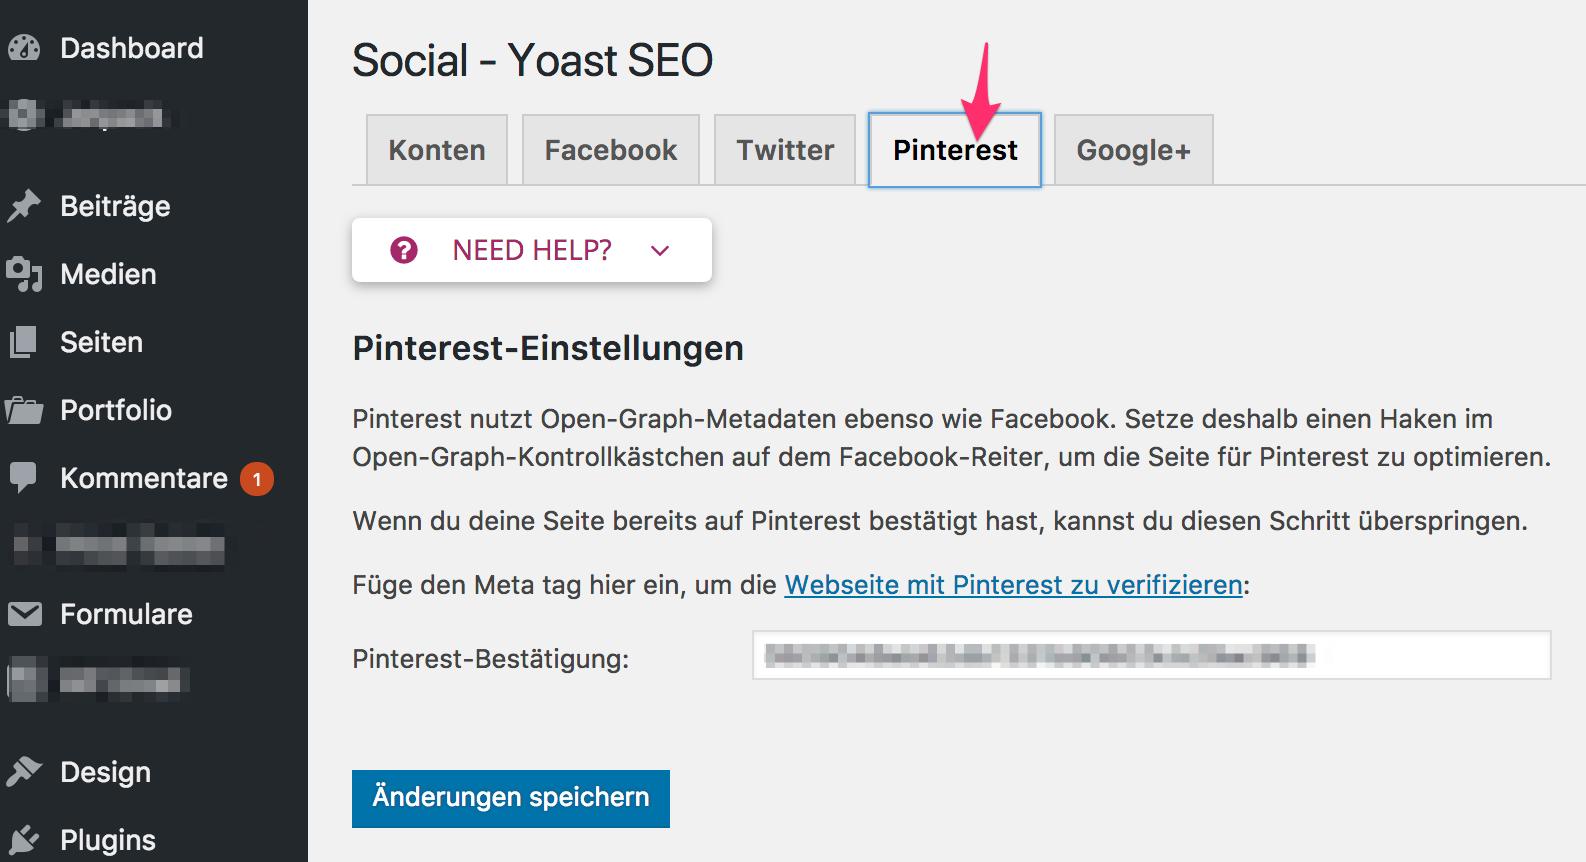 Yoast SEO Pinterest